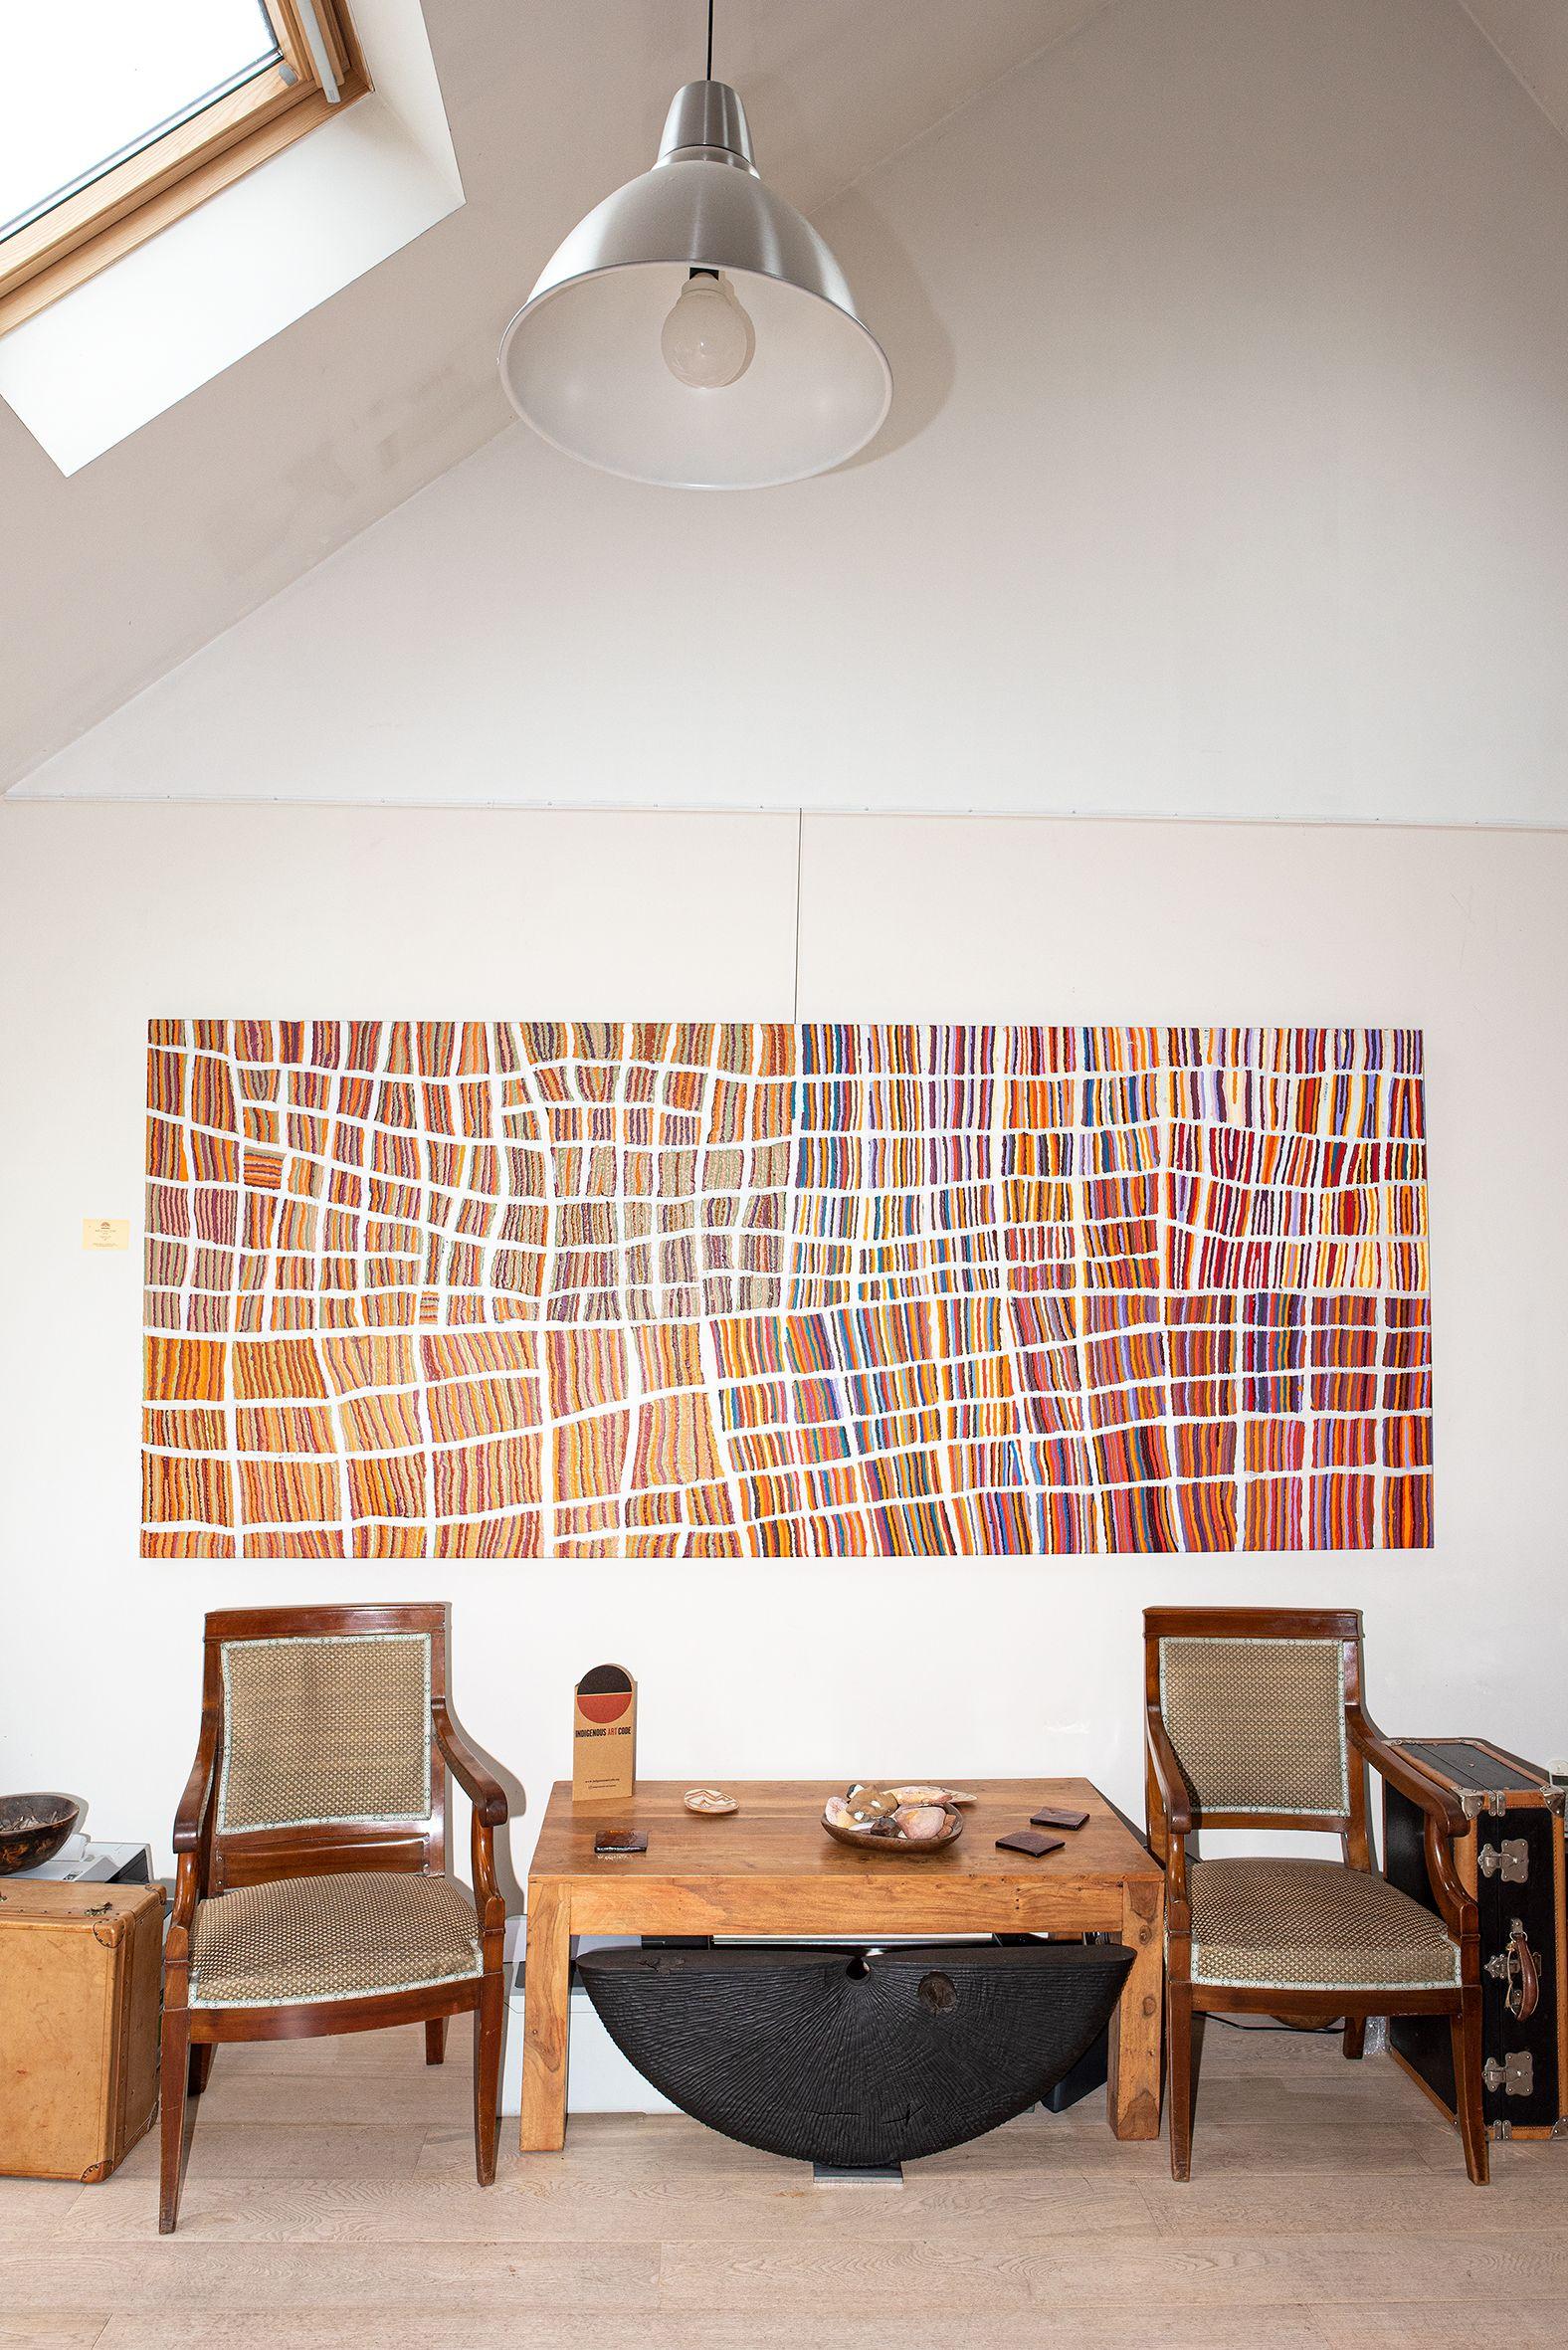 Œuvre collaborative majeure de Wokka Taylor (1939) et Nancy Karnu Taylor (1941). Titre : Jantinti. Format : 300 x 122 cm. ref : 18-150. © Photo : Aboriginal Signature Estrangin gallery with the courtesy of the artists and Martumili.    Plus d'informations sur cette peinture d'art Aborigène.